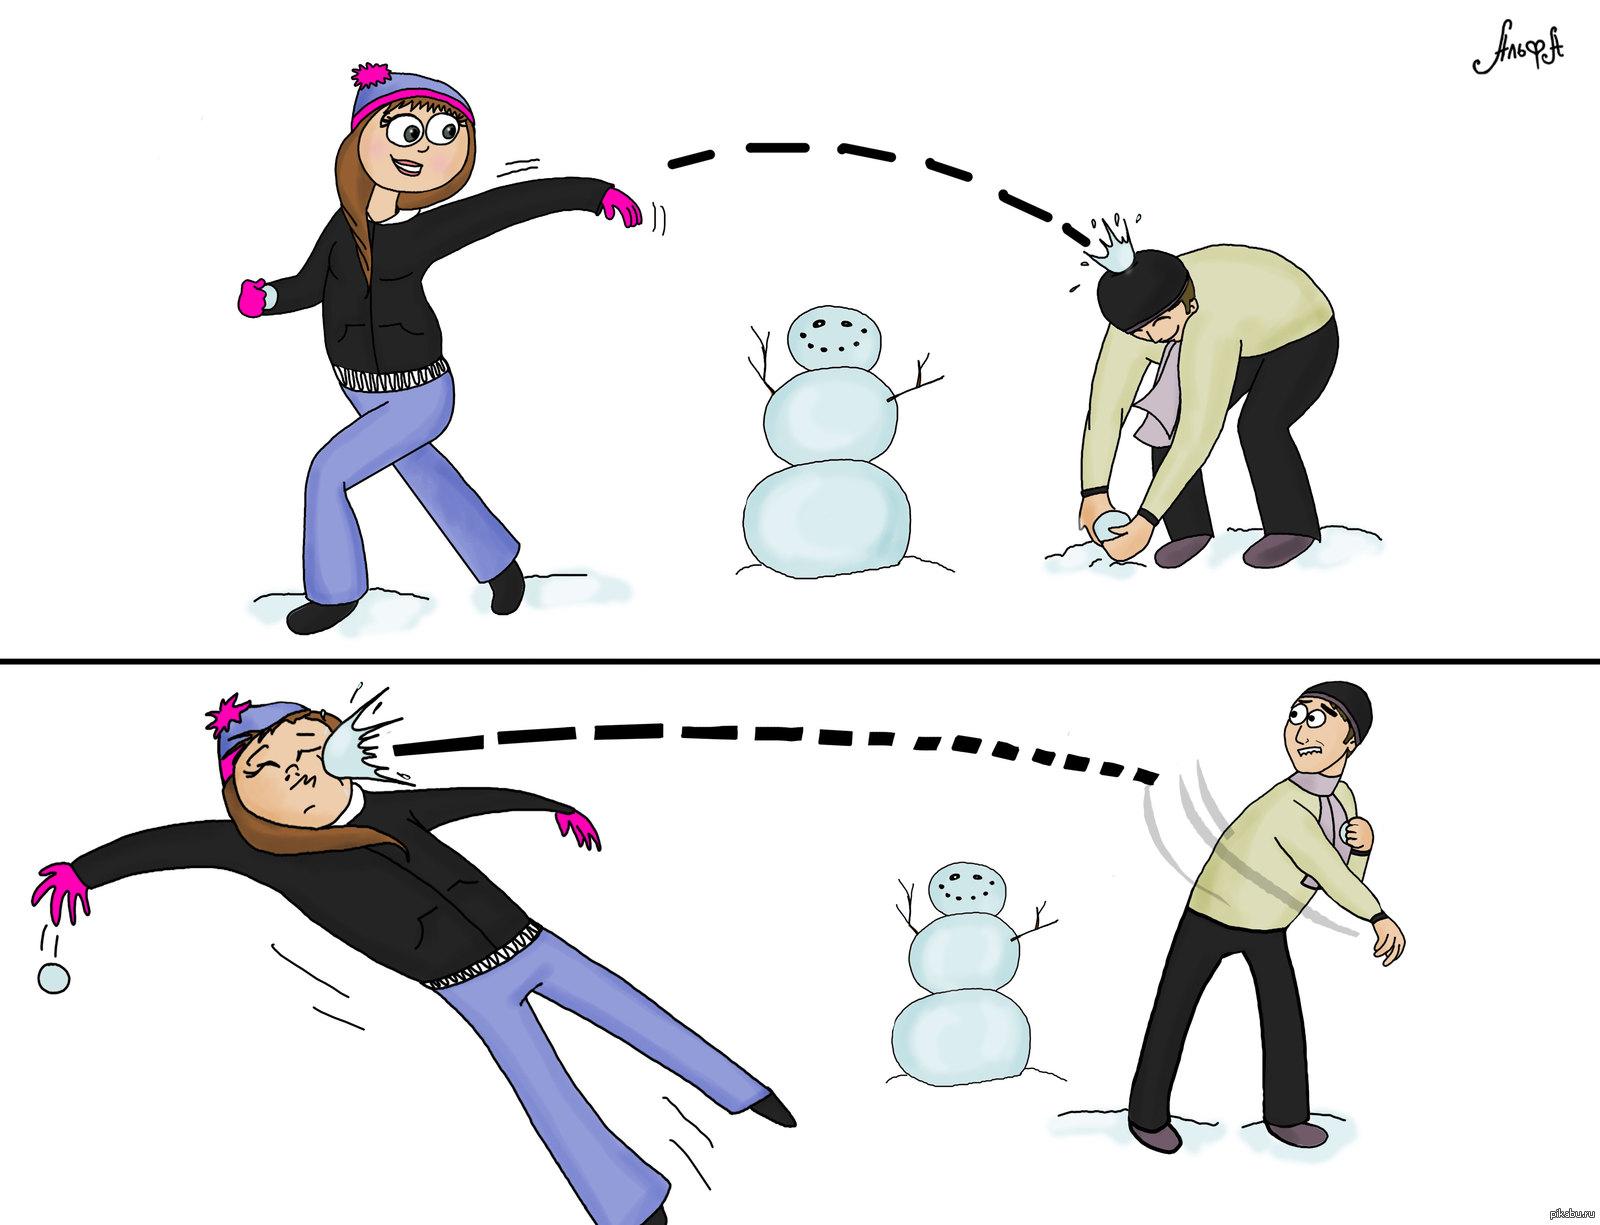 Февраля другу, смешные картинки игра в снежки